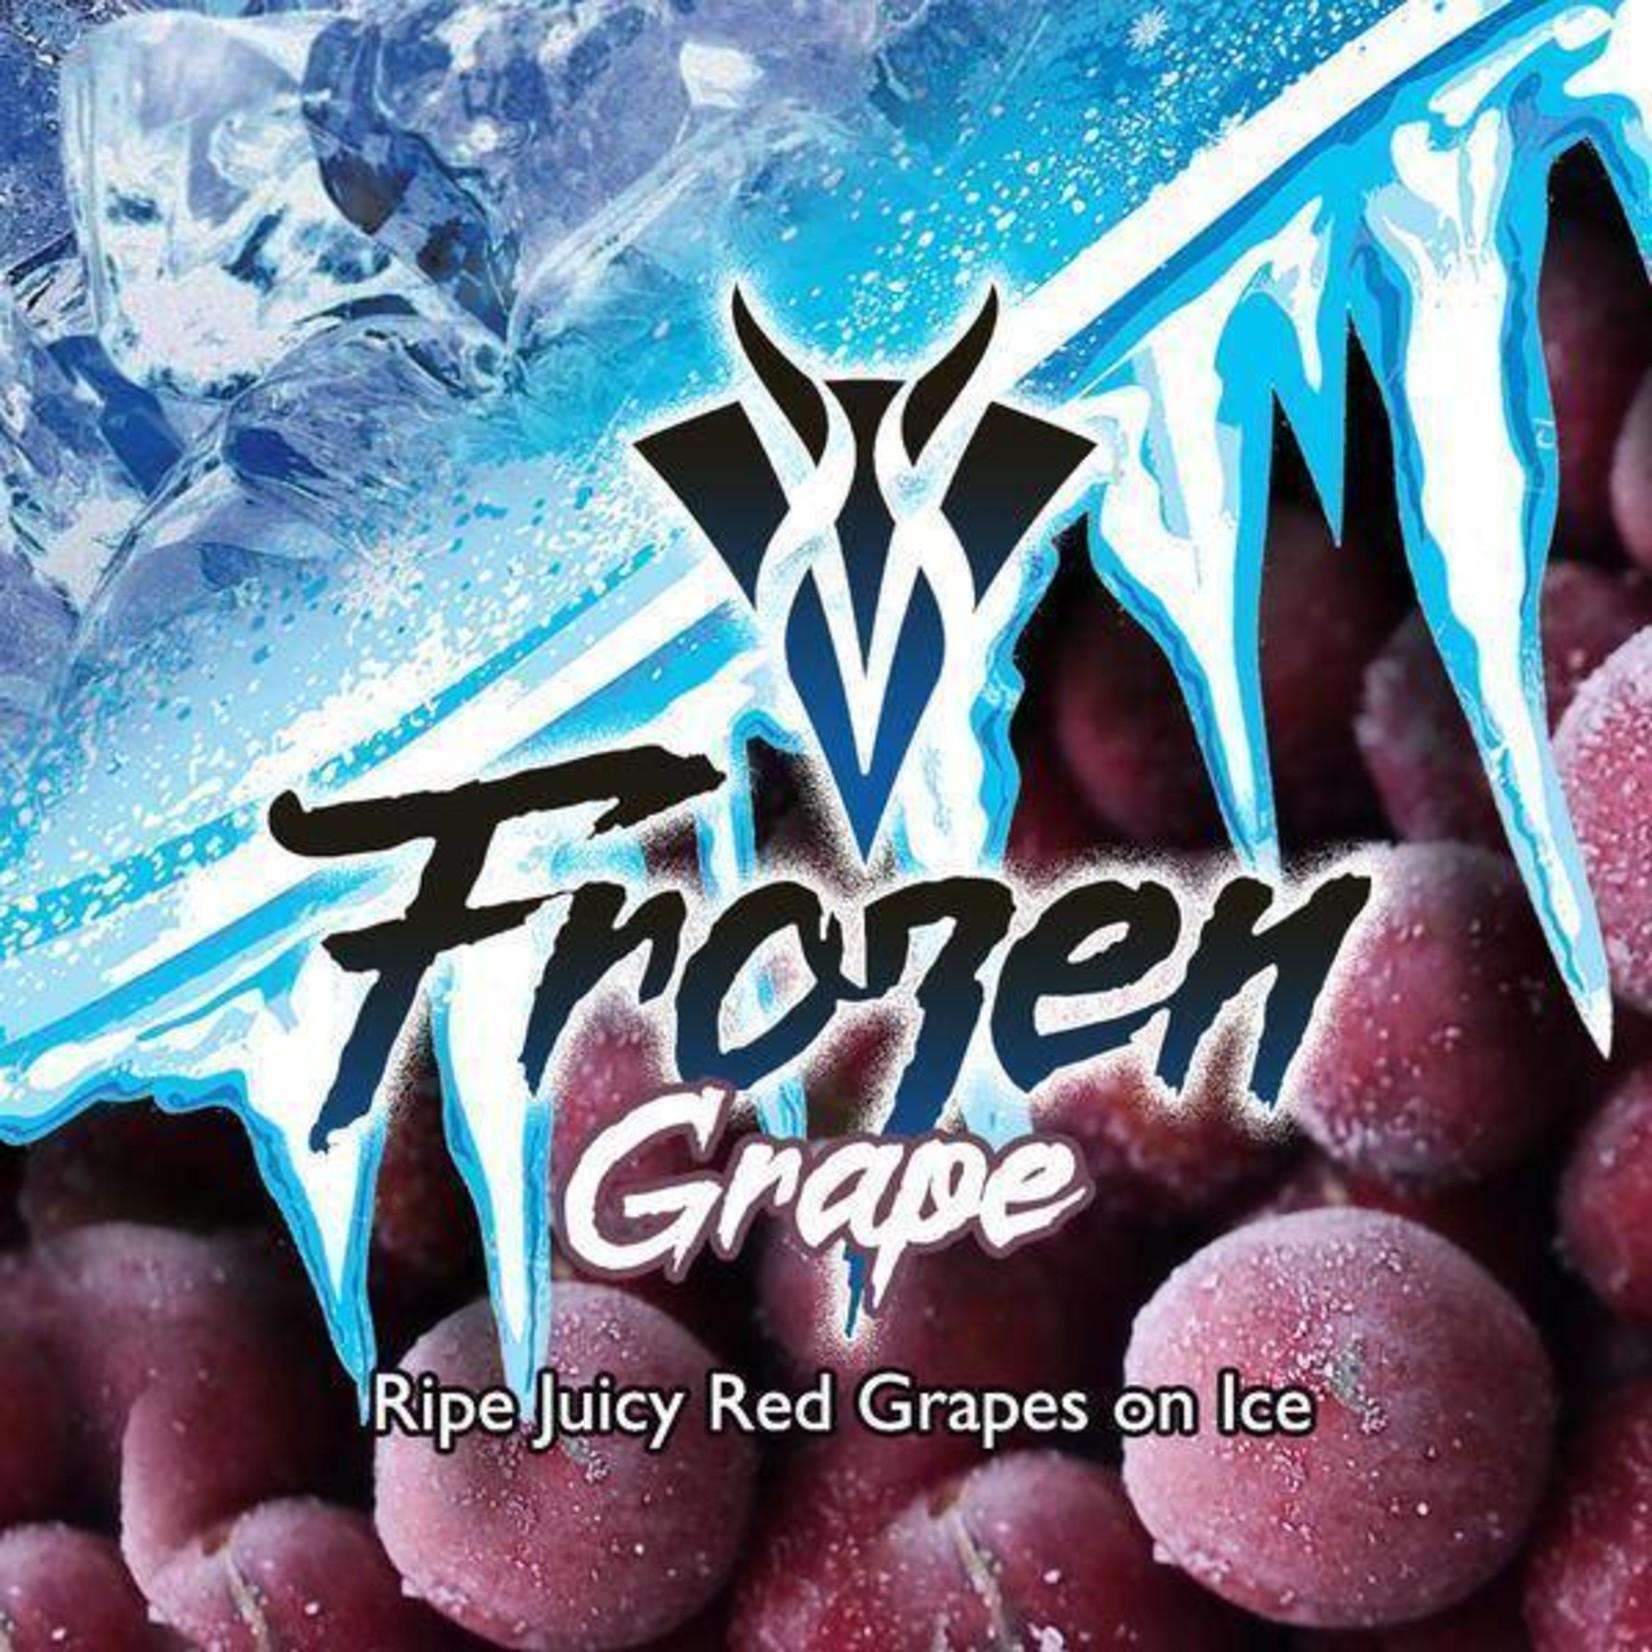 Vango Frozen Grape